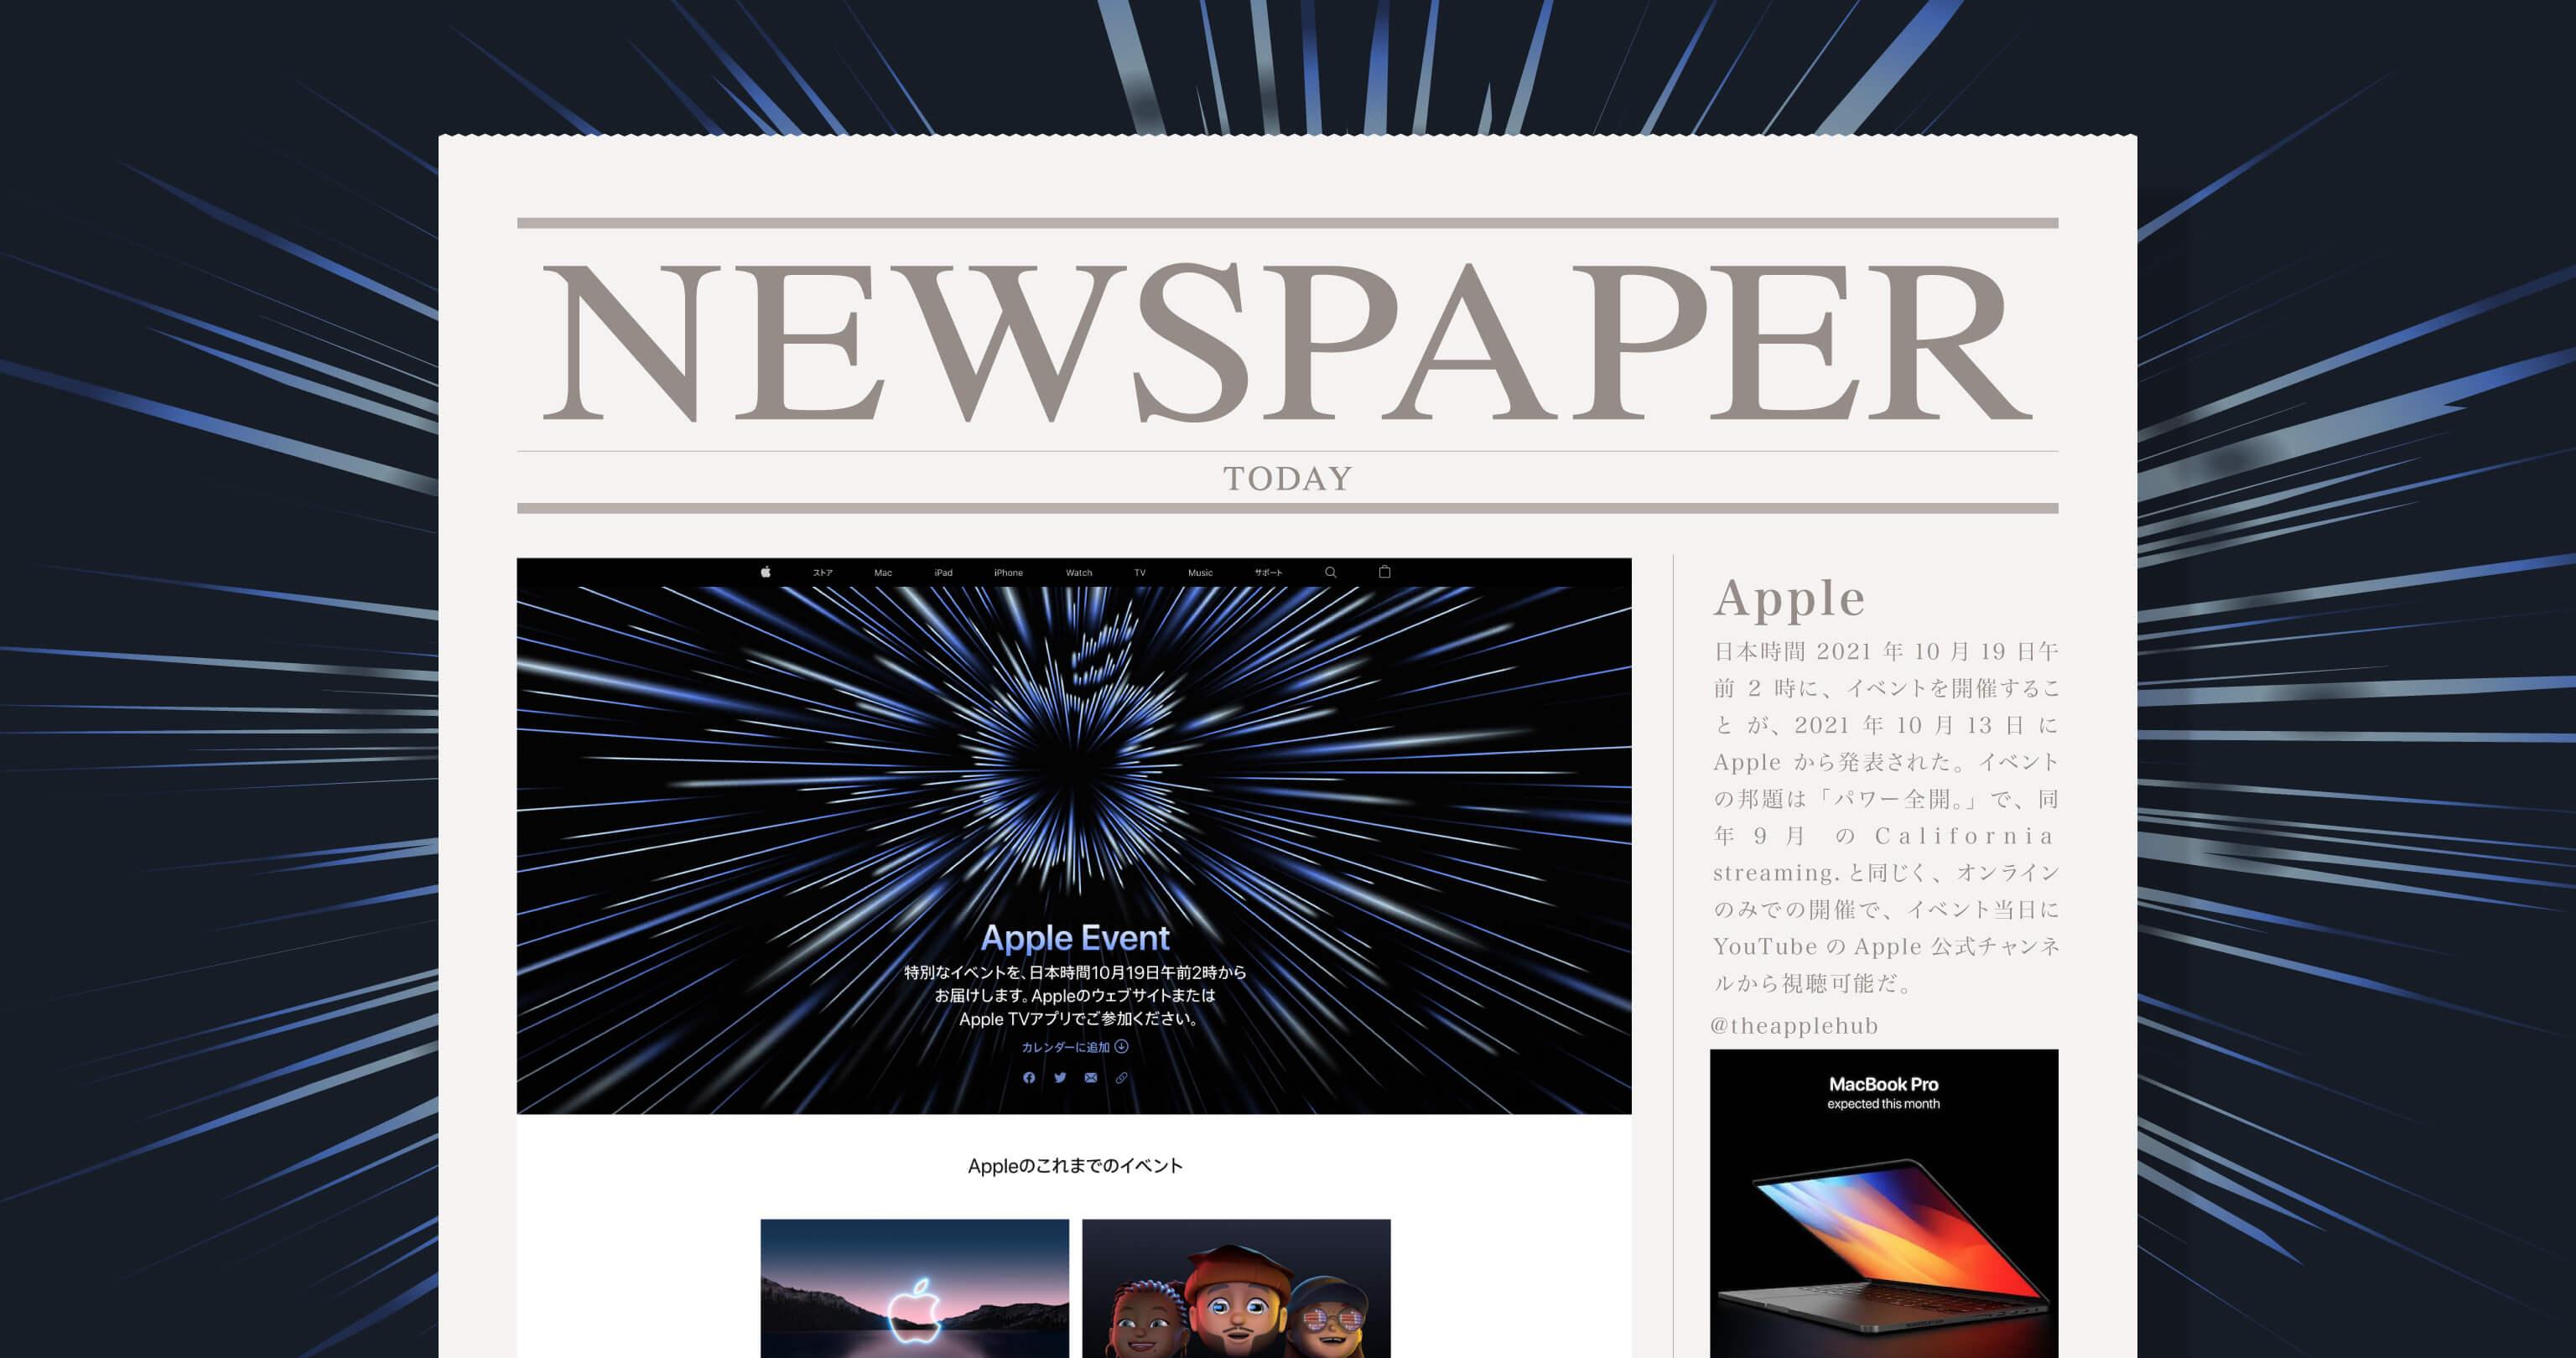 Appleが2021年10月のイベント開催を発表。予想される3つの新製品の噂とともにチェック